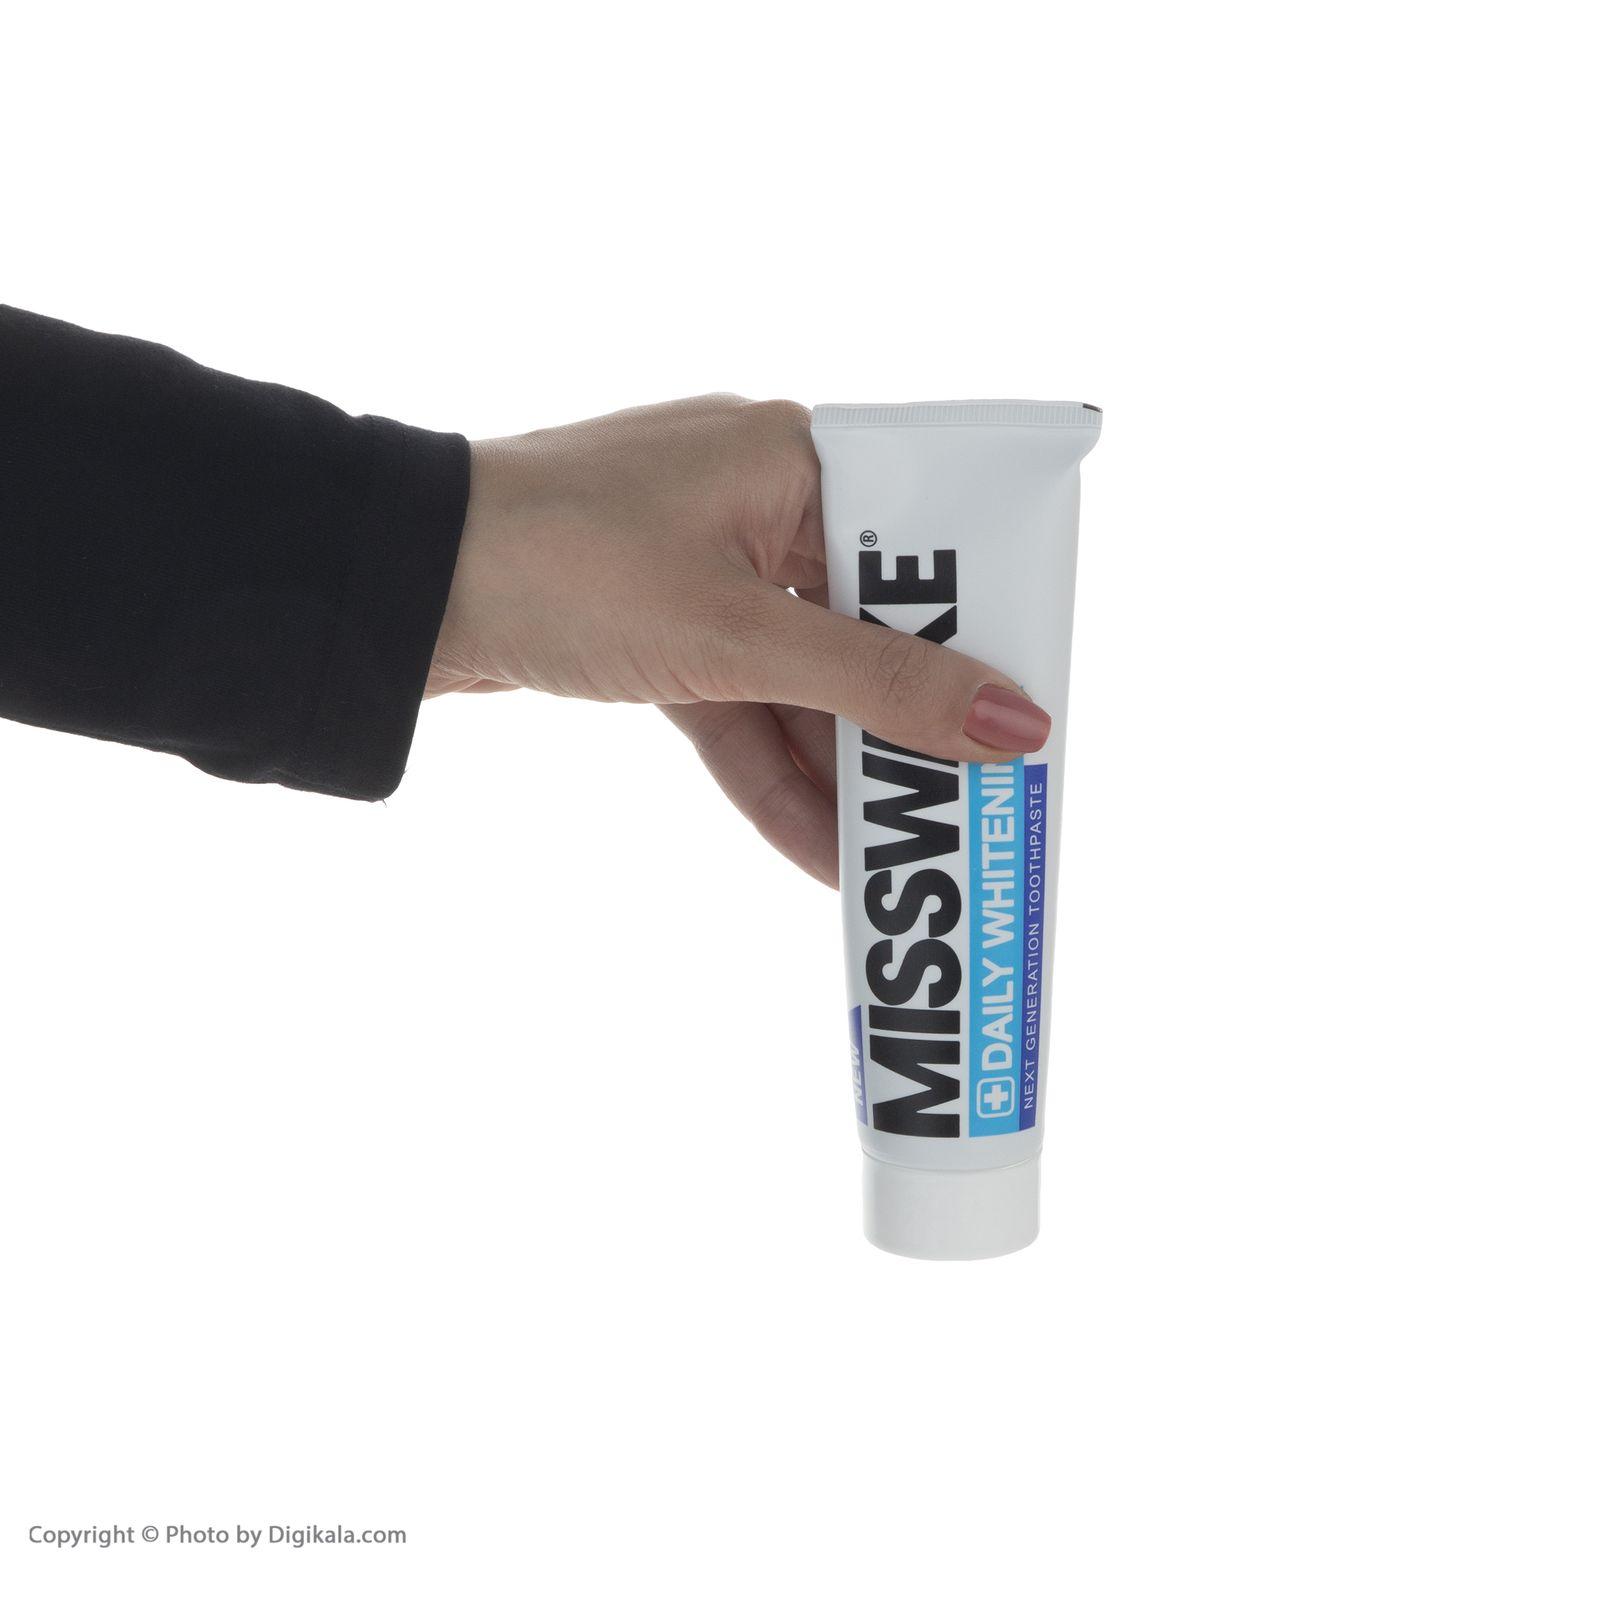 خمیر دندان میسویک مدل Daily Whitening حجم 100 میلی لیتر -  - 3